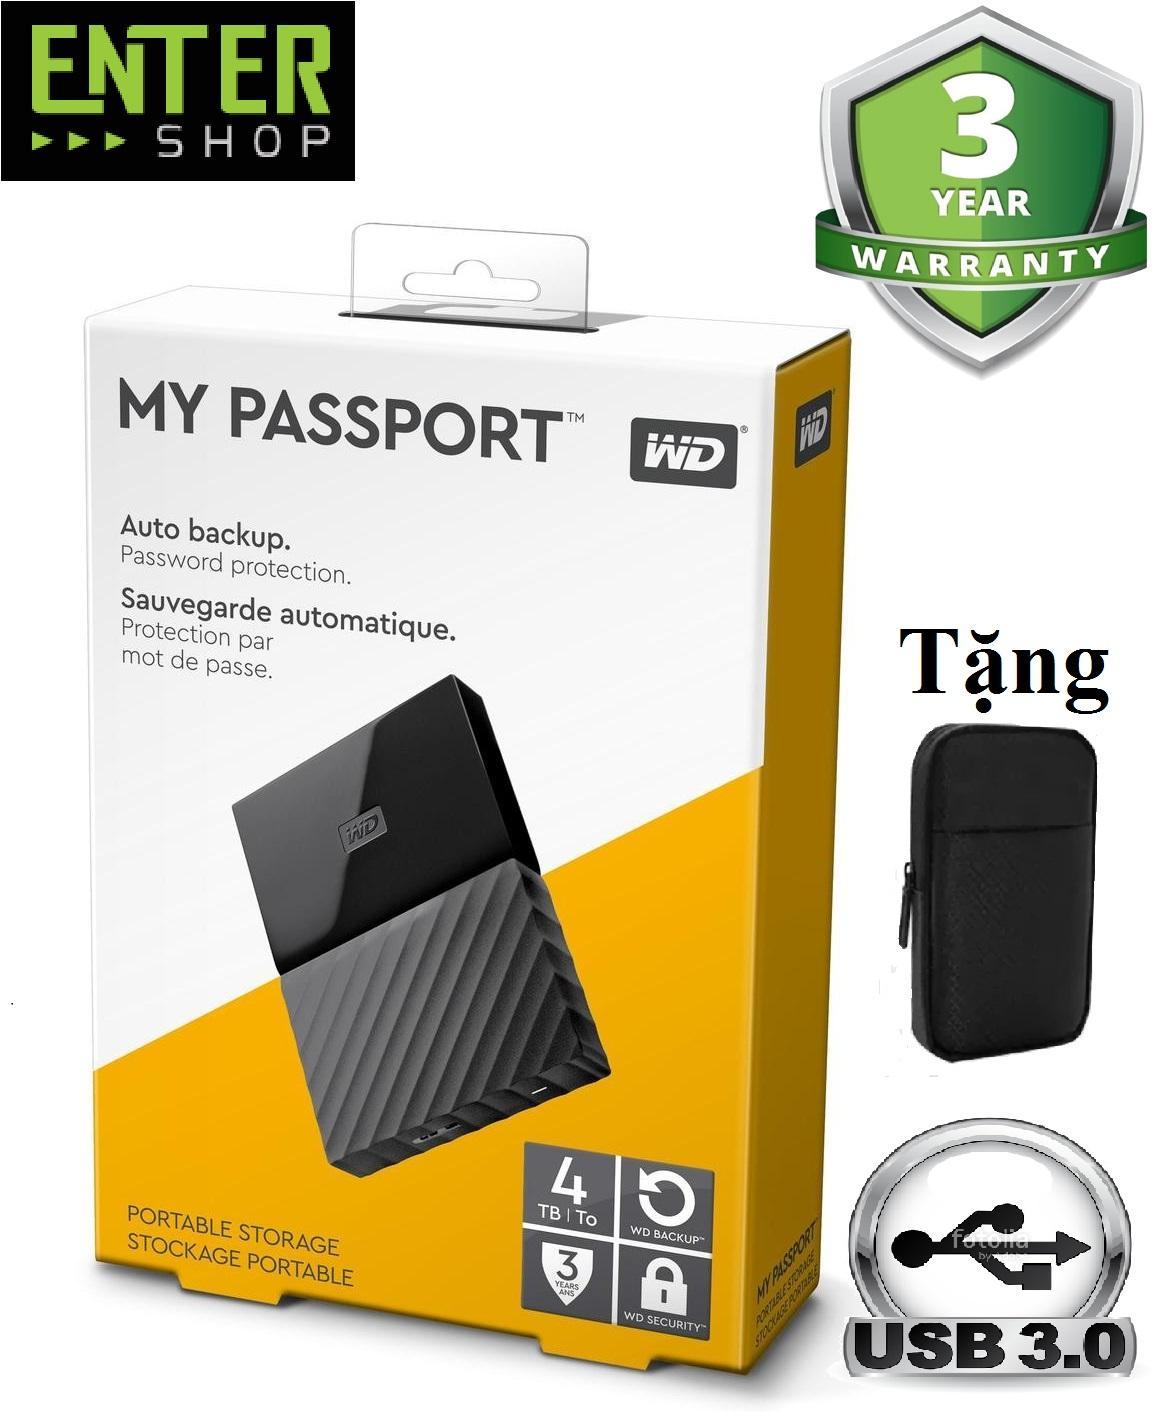 Ổ Cứng Di Động WD My Passport 4Tb + Tặng Túi Bảo Vệ Giá Cực Ngầu